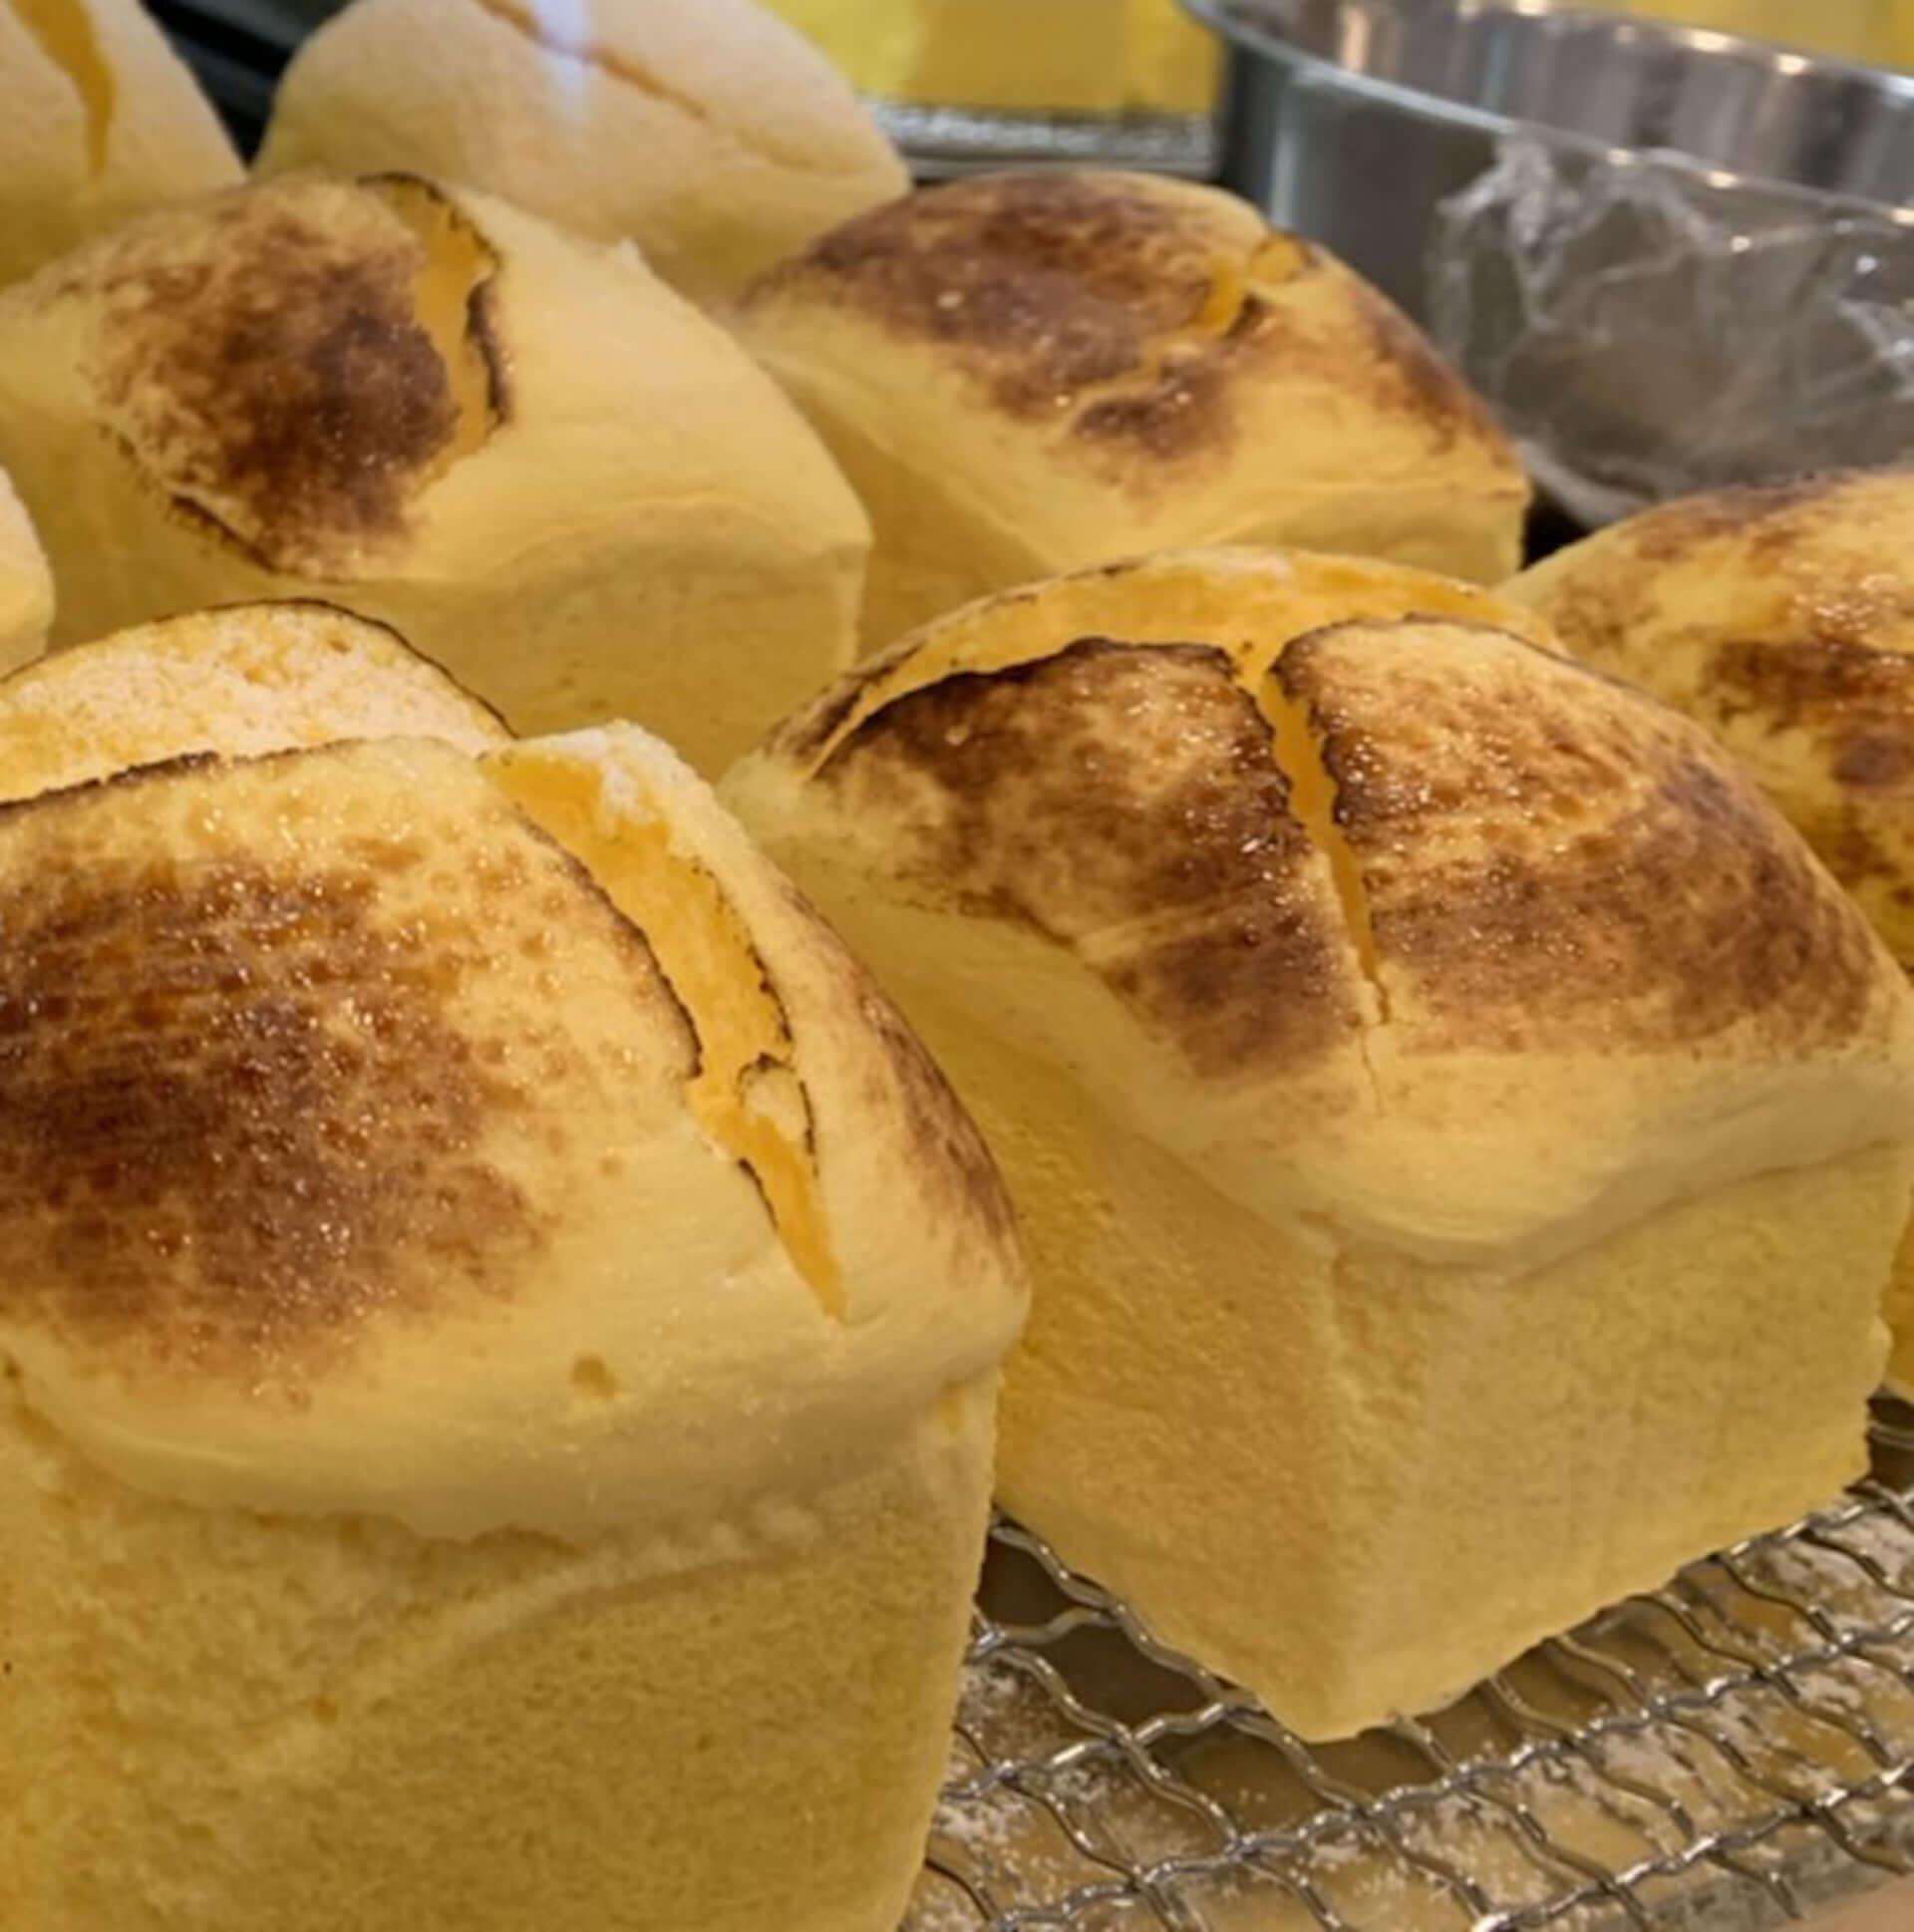 ふわとろ食感で風味豊かな『たまごパン』を味わおう!「たまご専門 本巣ヱ」が兵庫にオープン決定 gourmet201028_motosue_2-1920x1938